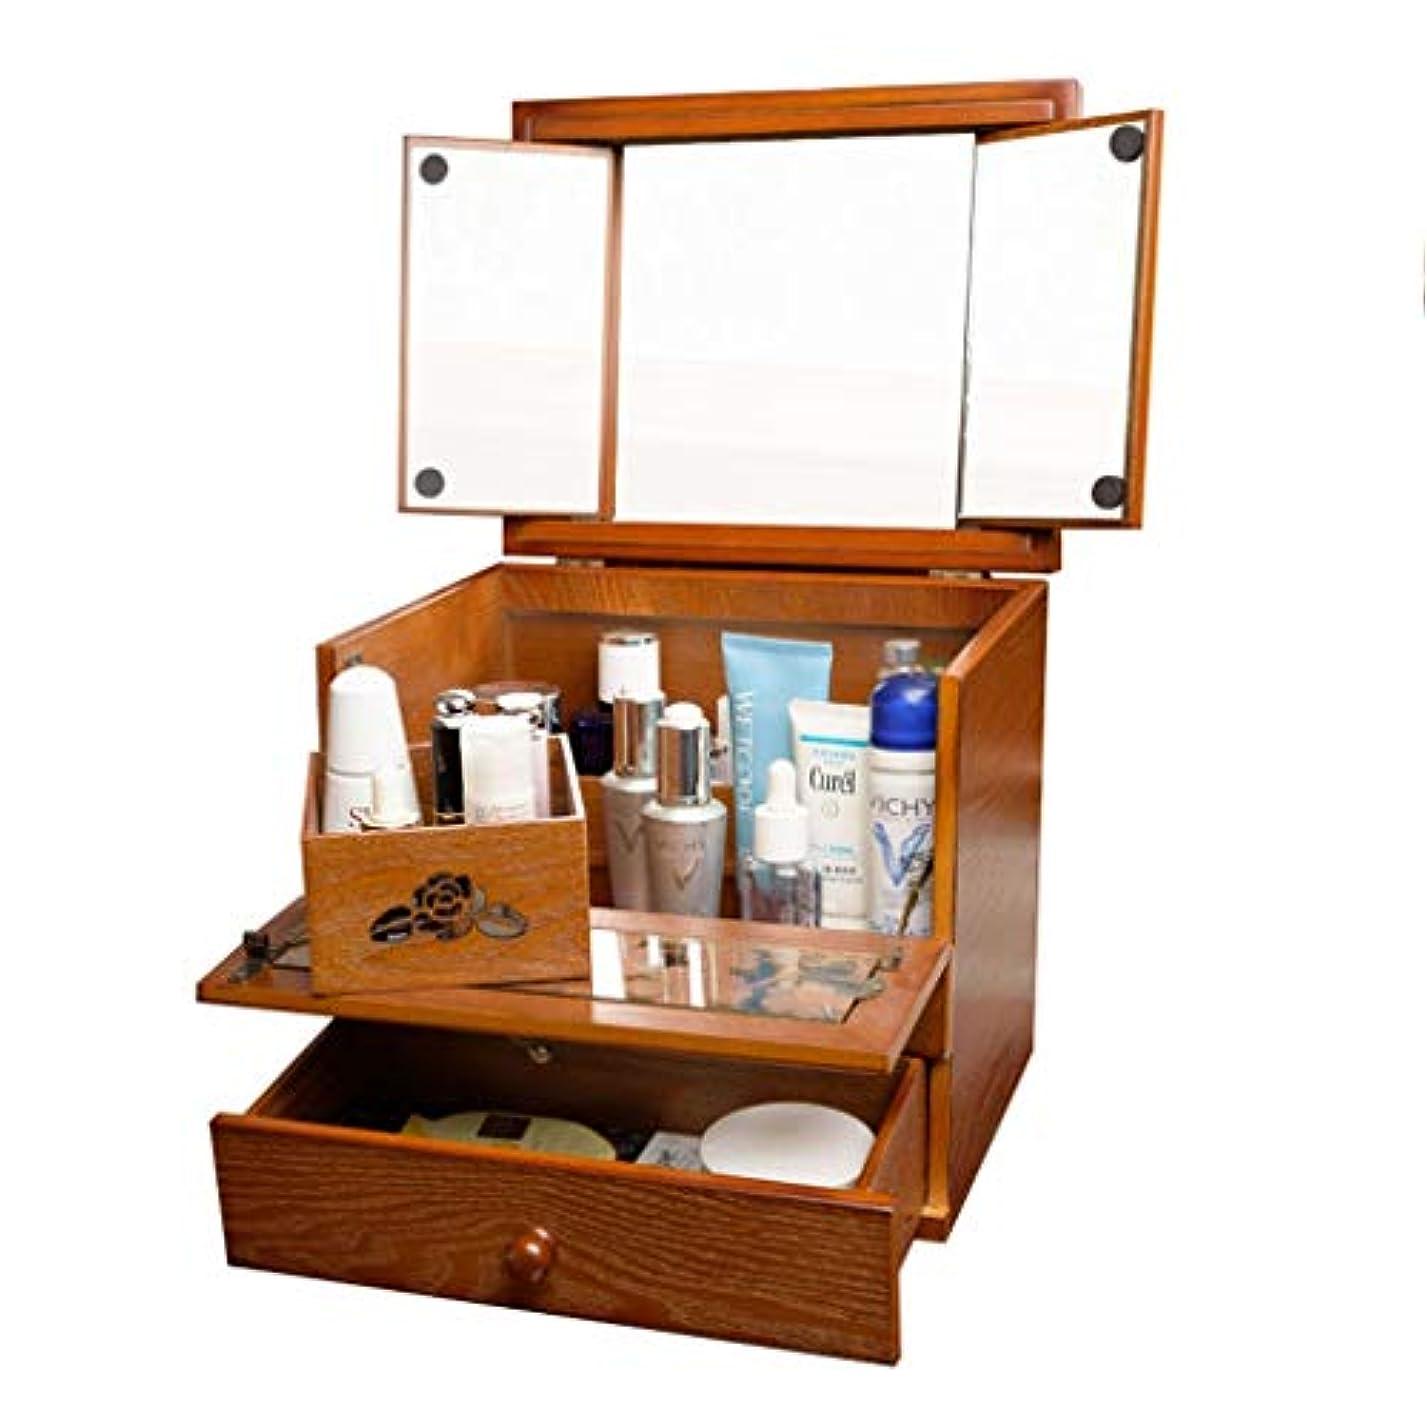 失業冒険名声メイクボックス 家庭化粧品収納ボックス木製大容量化粧箱鏡付きの小さなドレッシングテーブル (Color : Brown, Size : 27.5x22.5x32.5cm)